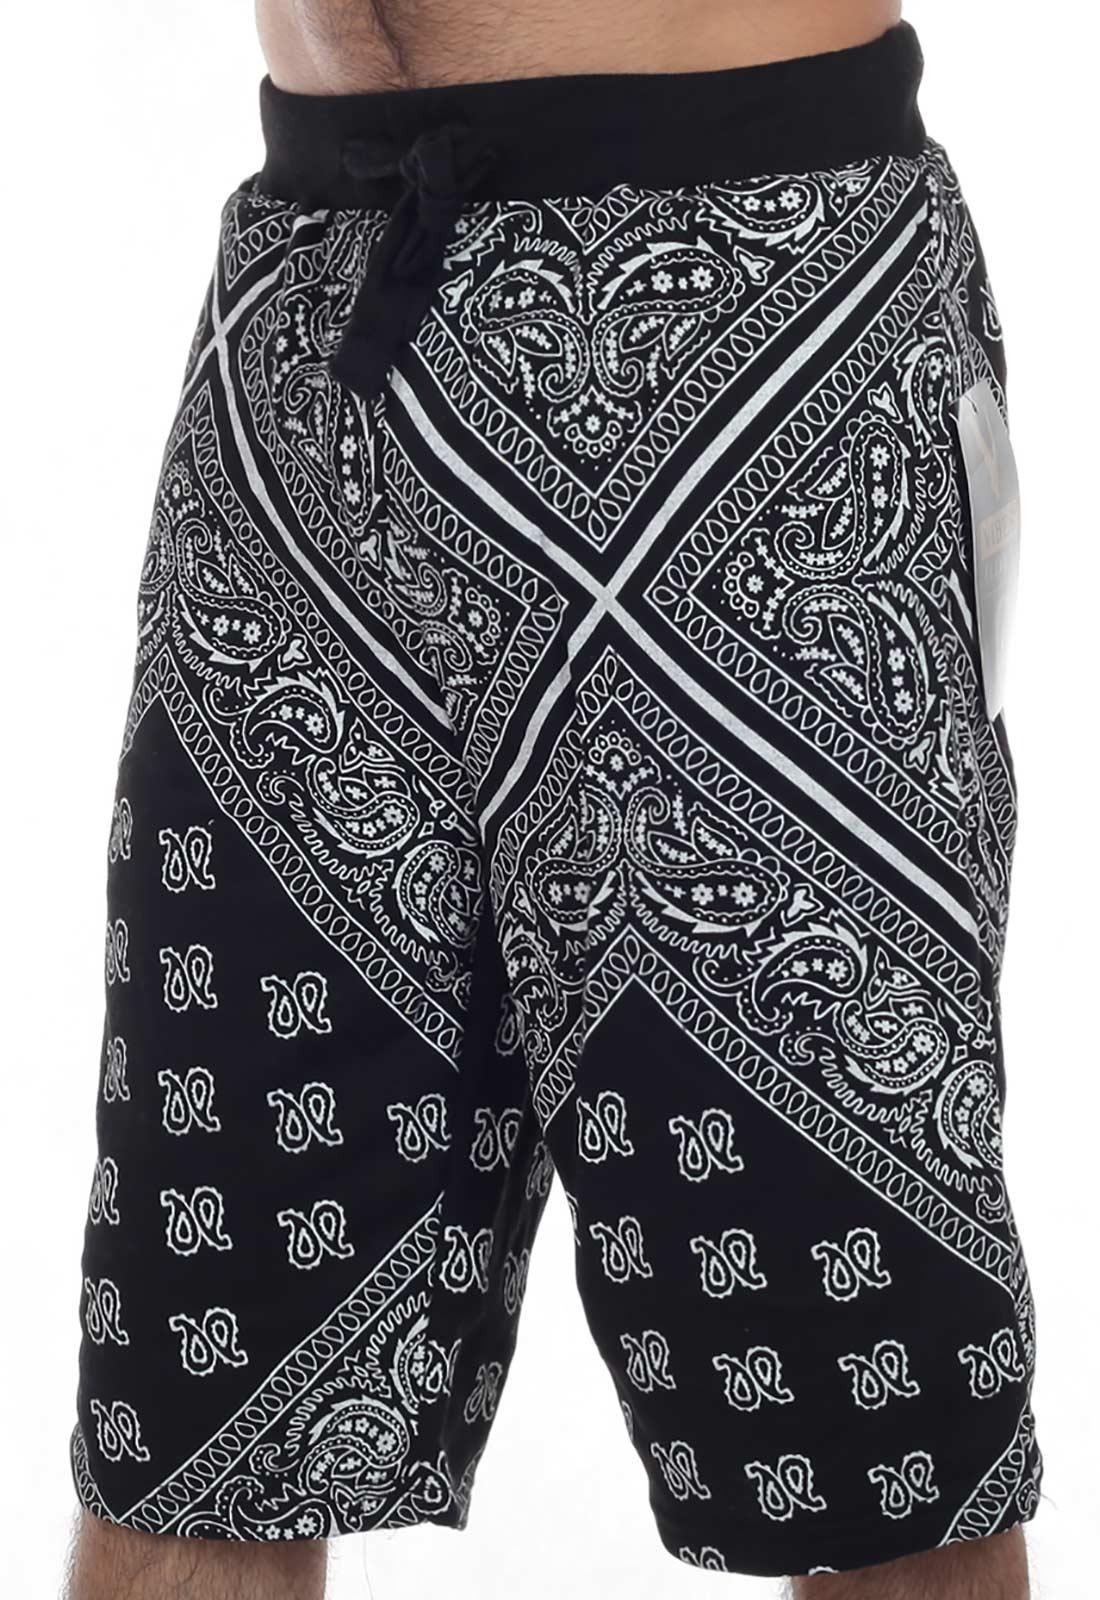 Мужские шорты Vibes Gold Jogger на флисе и широком поясе